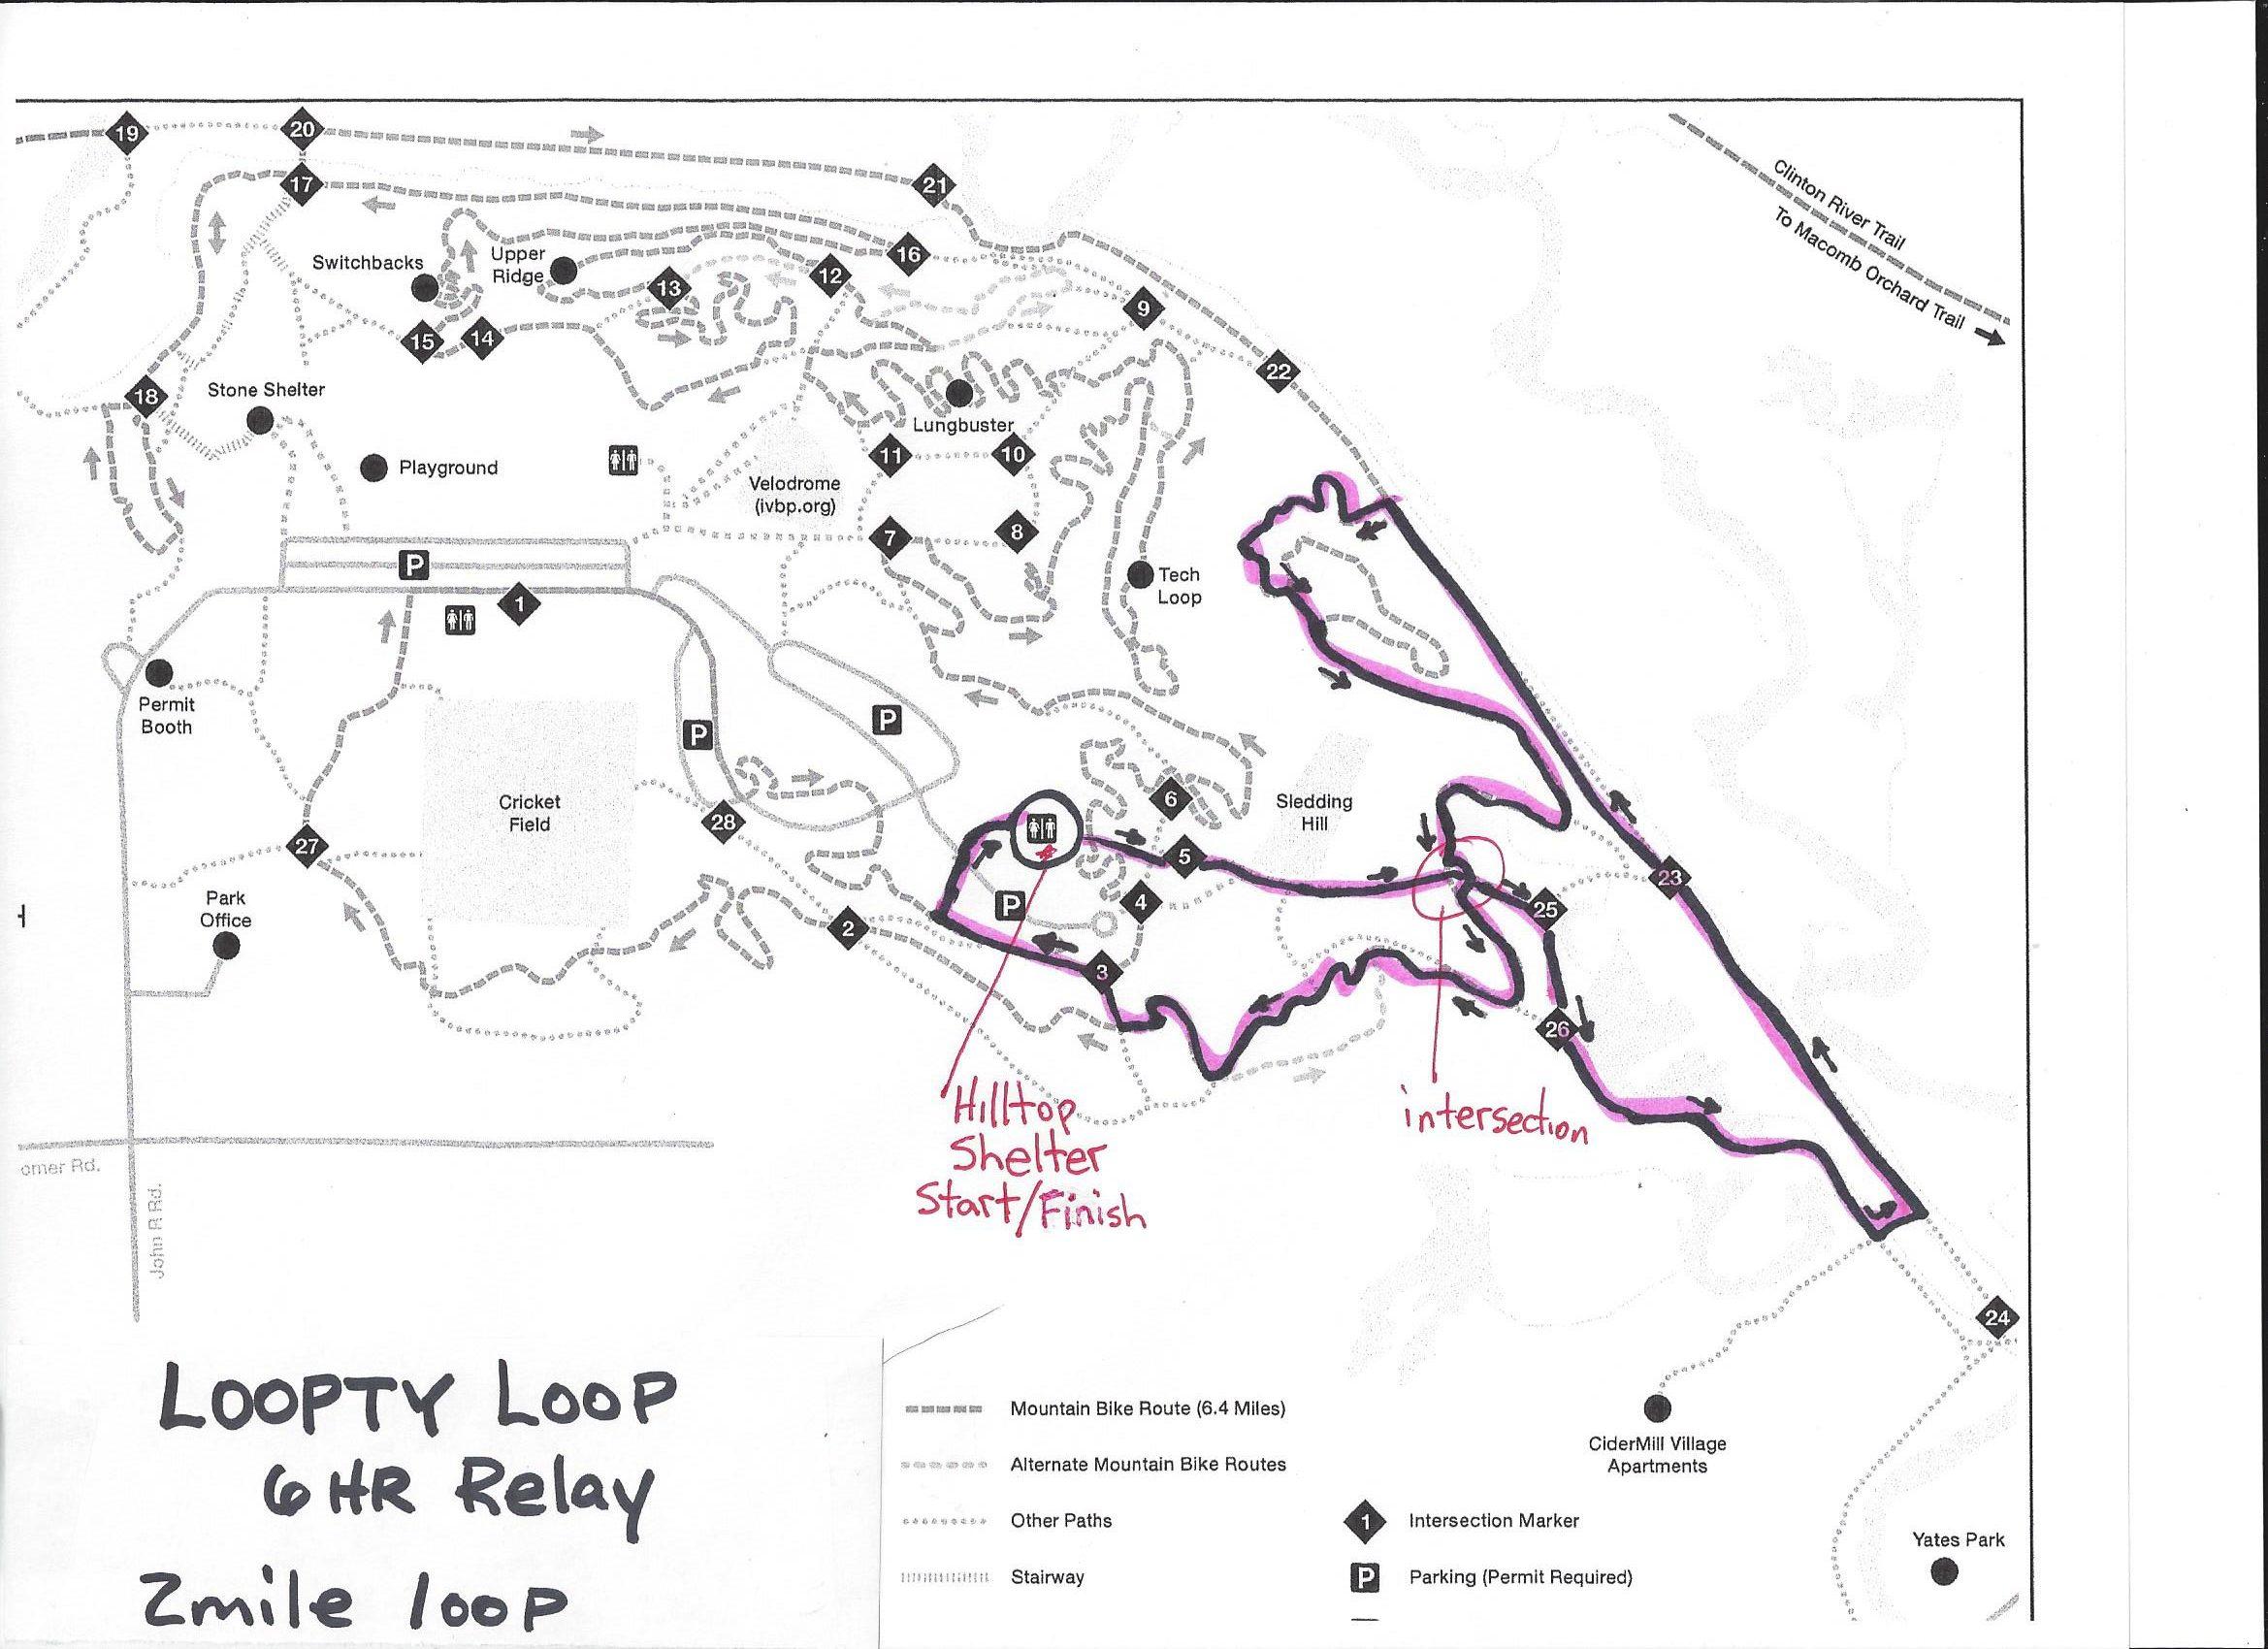 Loopty Loop 6 Hour Relay And 4 Mile